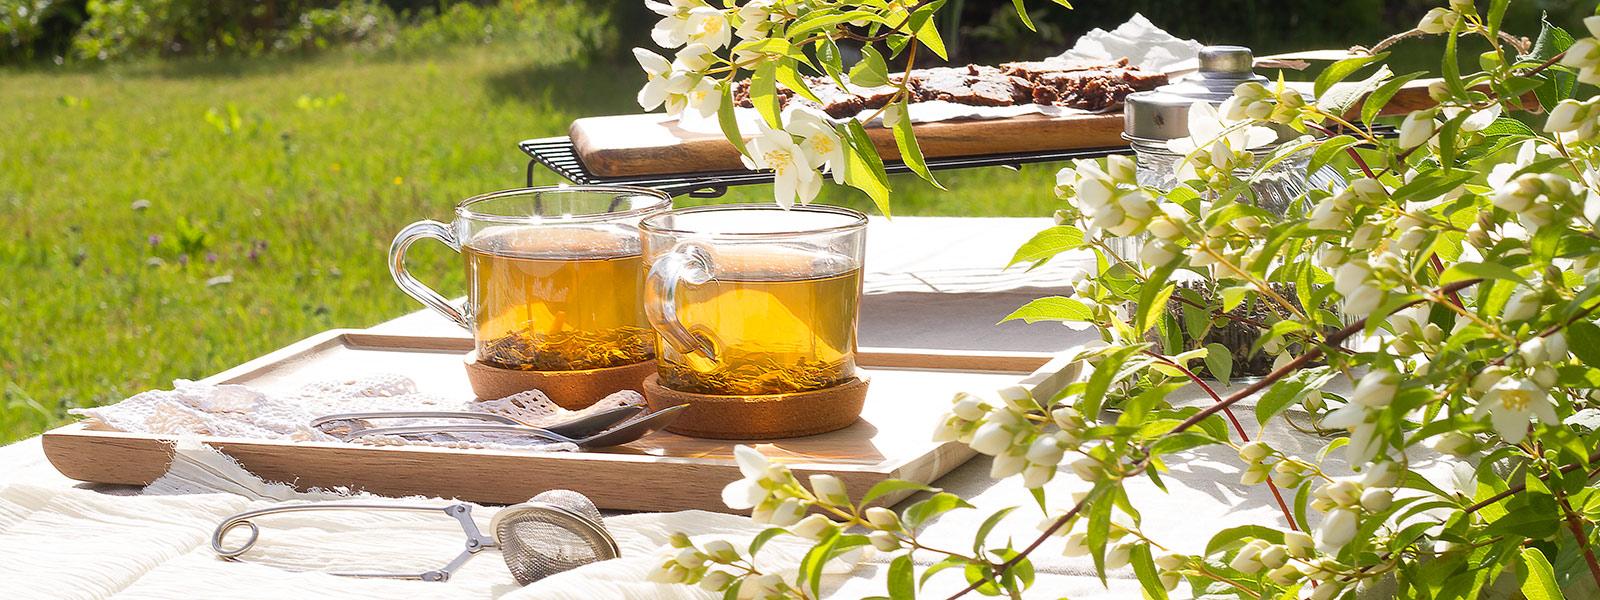 Jasmin tea setting